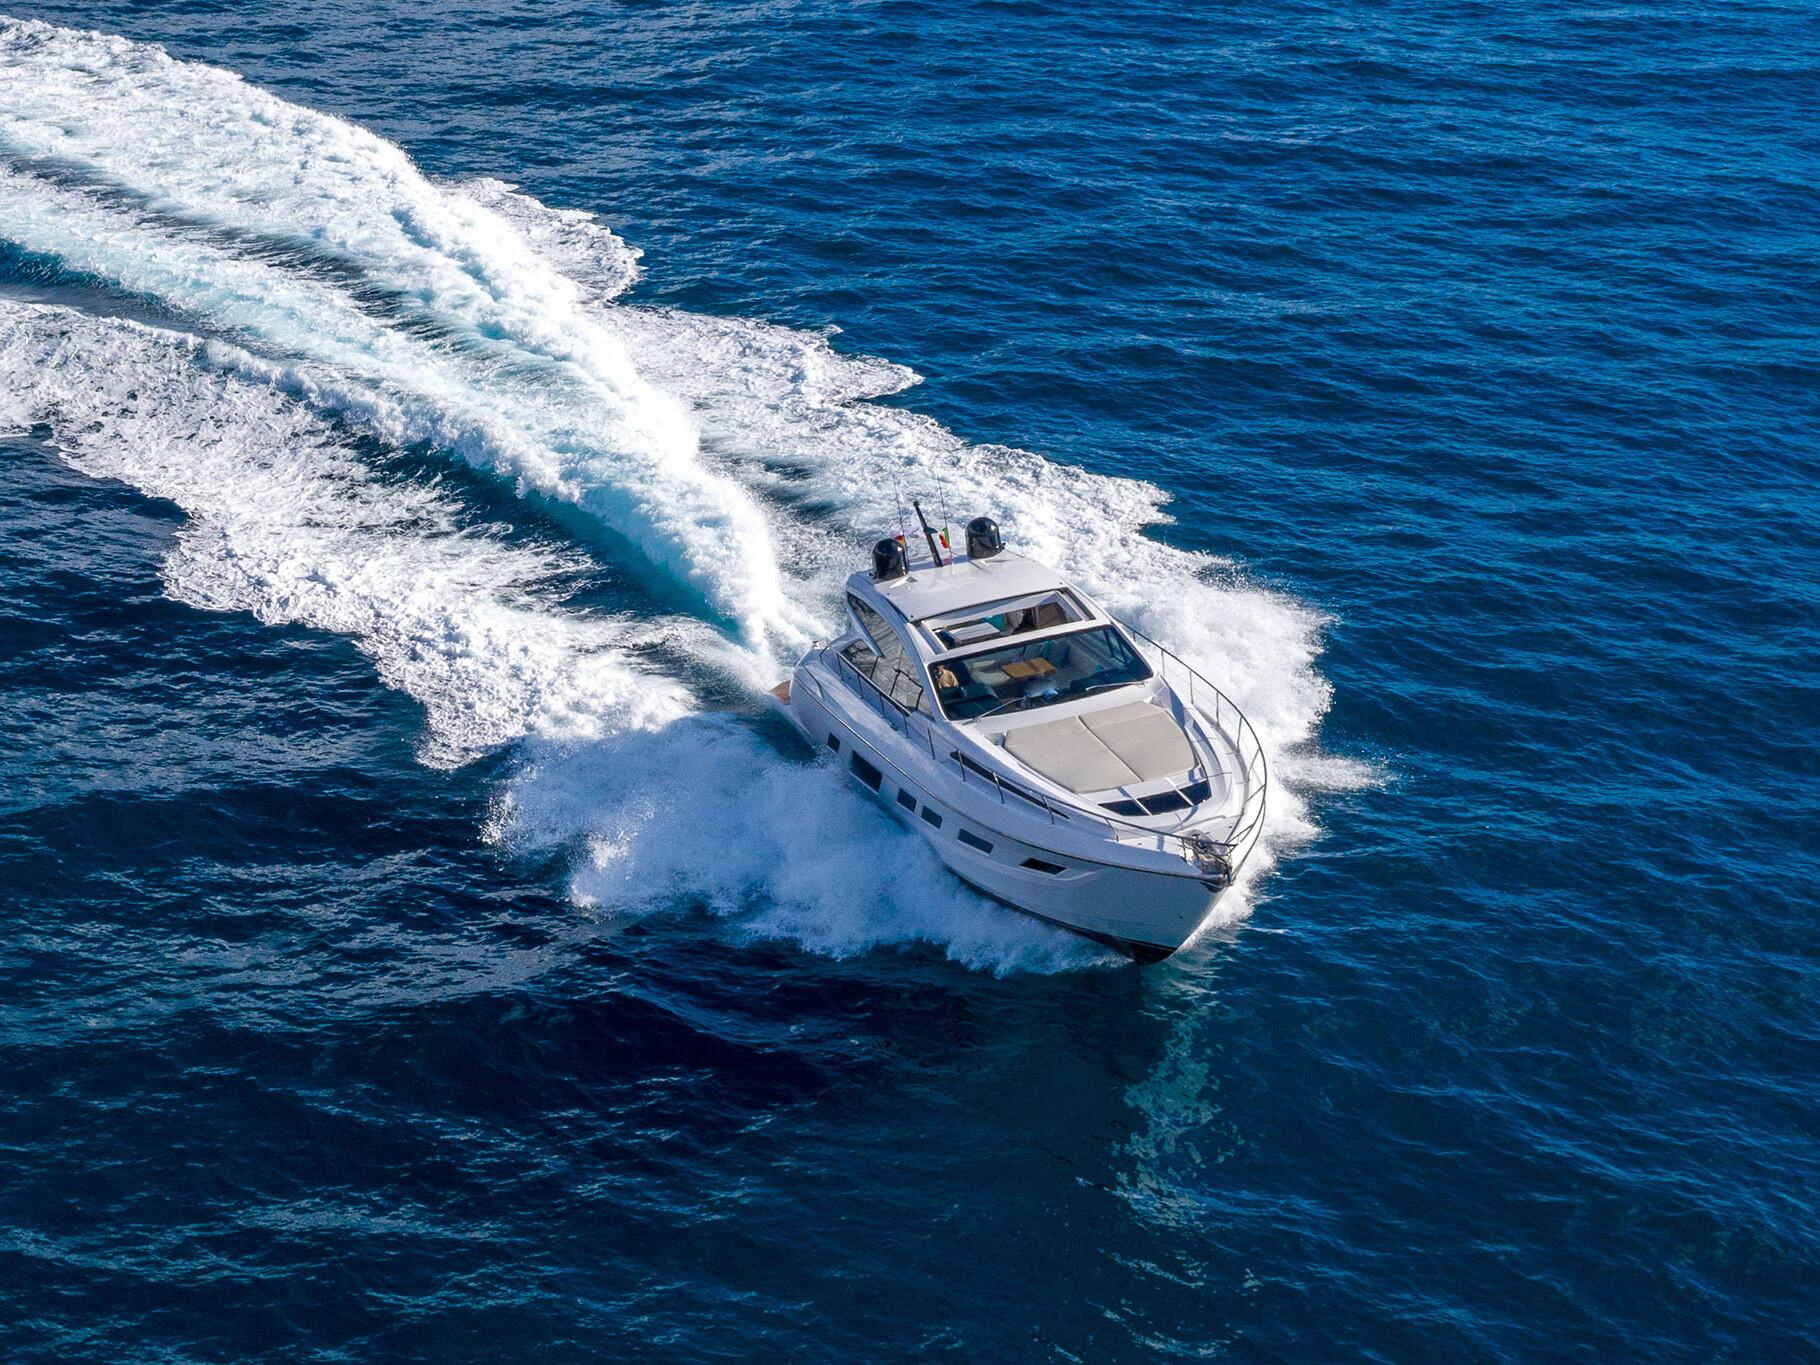 Filippetti S55 - Imbarcazione Sportiva Veloce